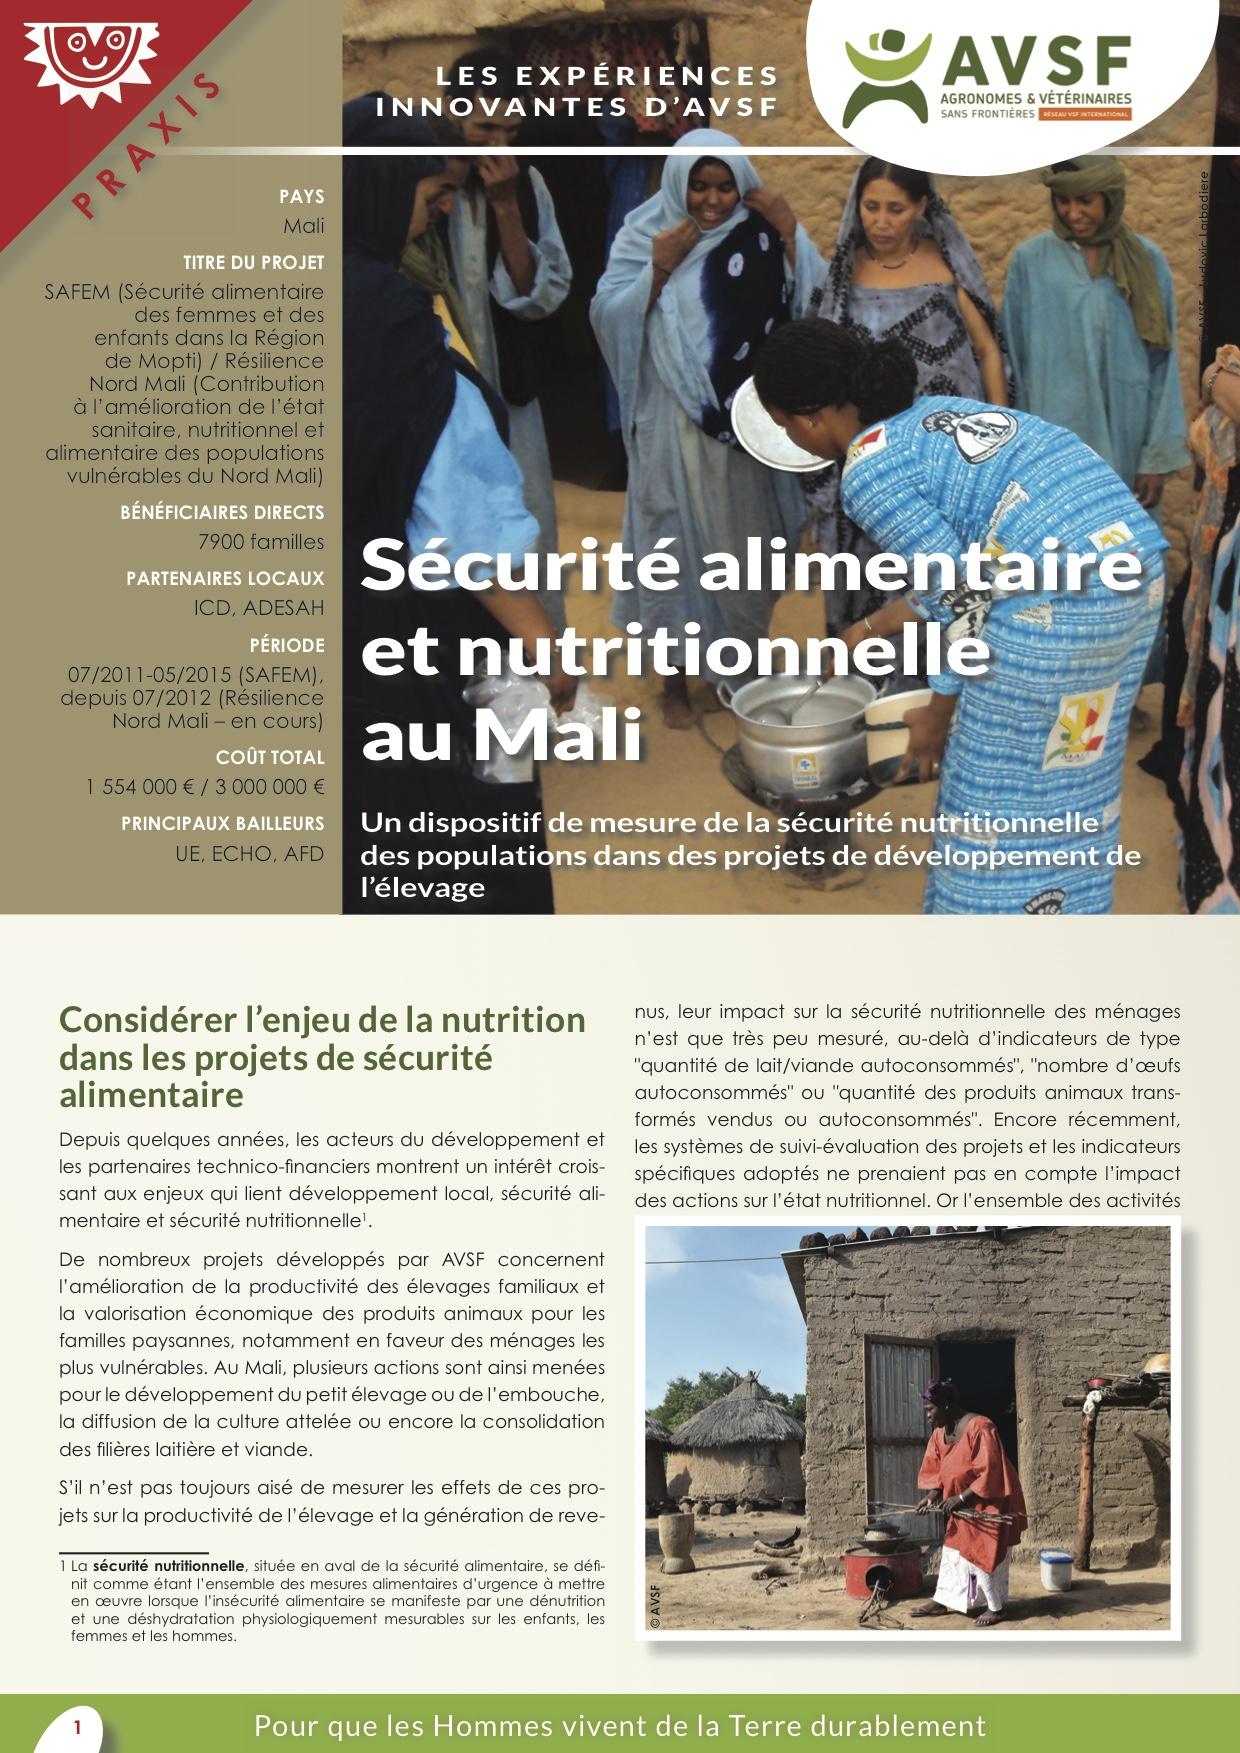 Les expériences innovantes d'AVSF : Sécurité alimentaire et nutritionnelle au Mali  Image principale